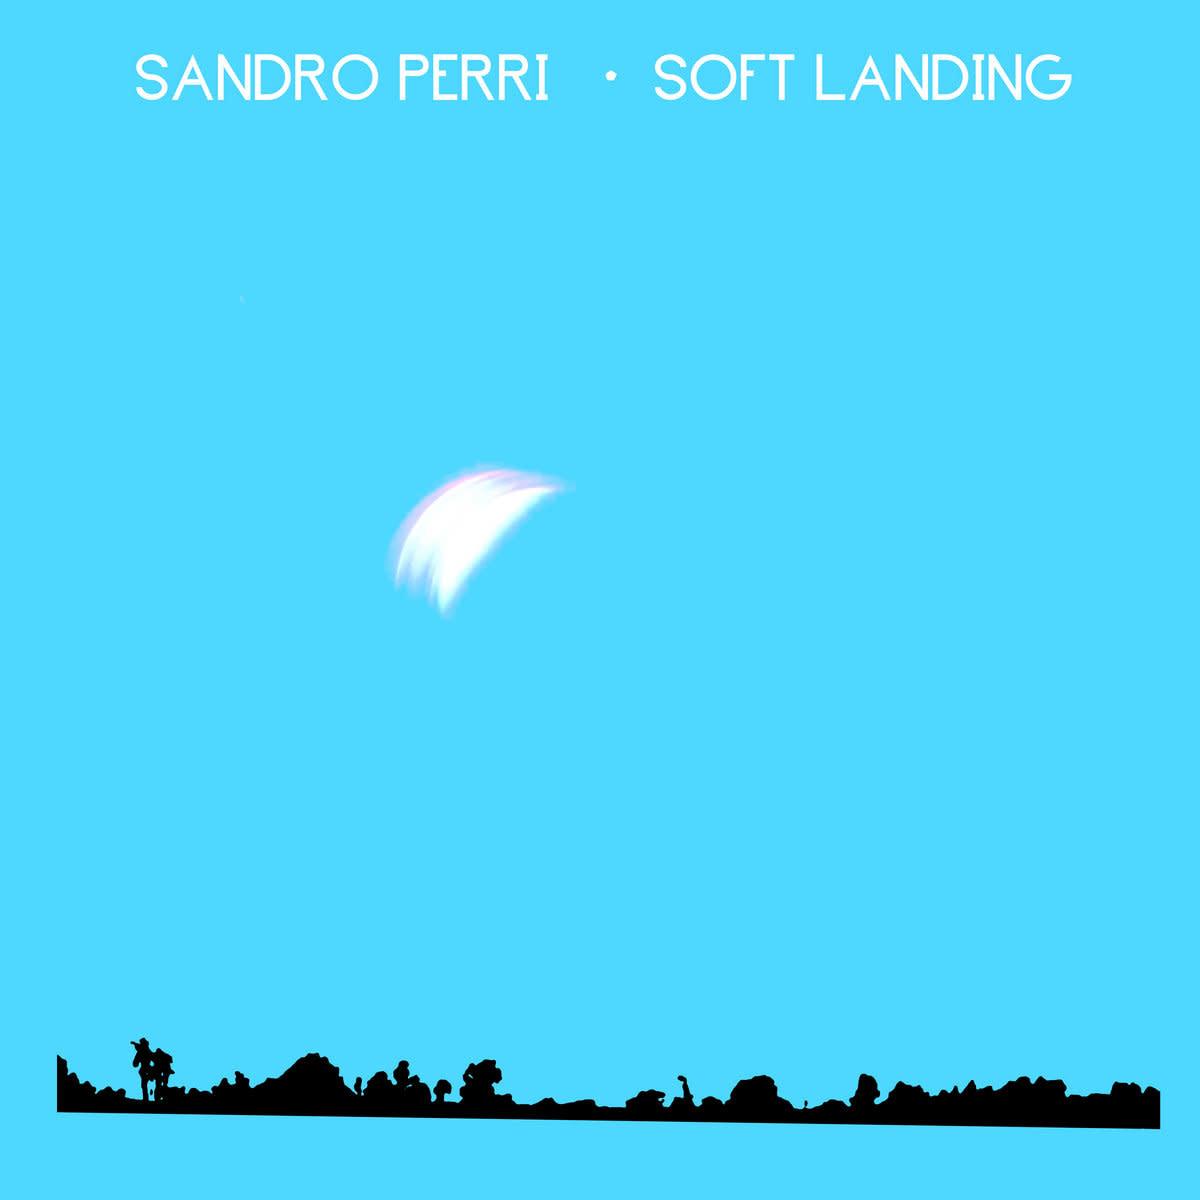 Sandro Perri • Soft Landing-1